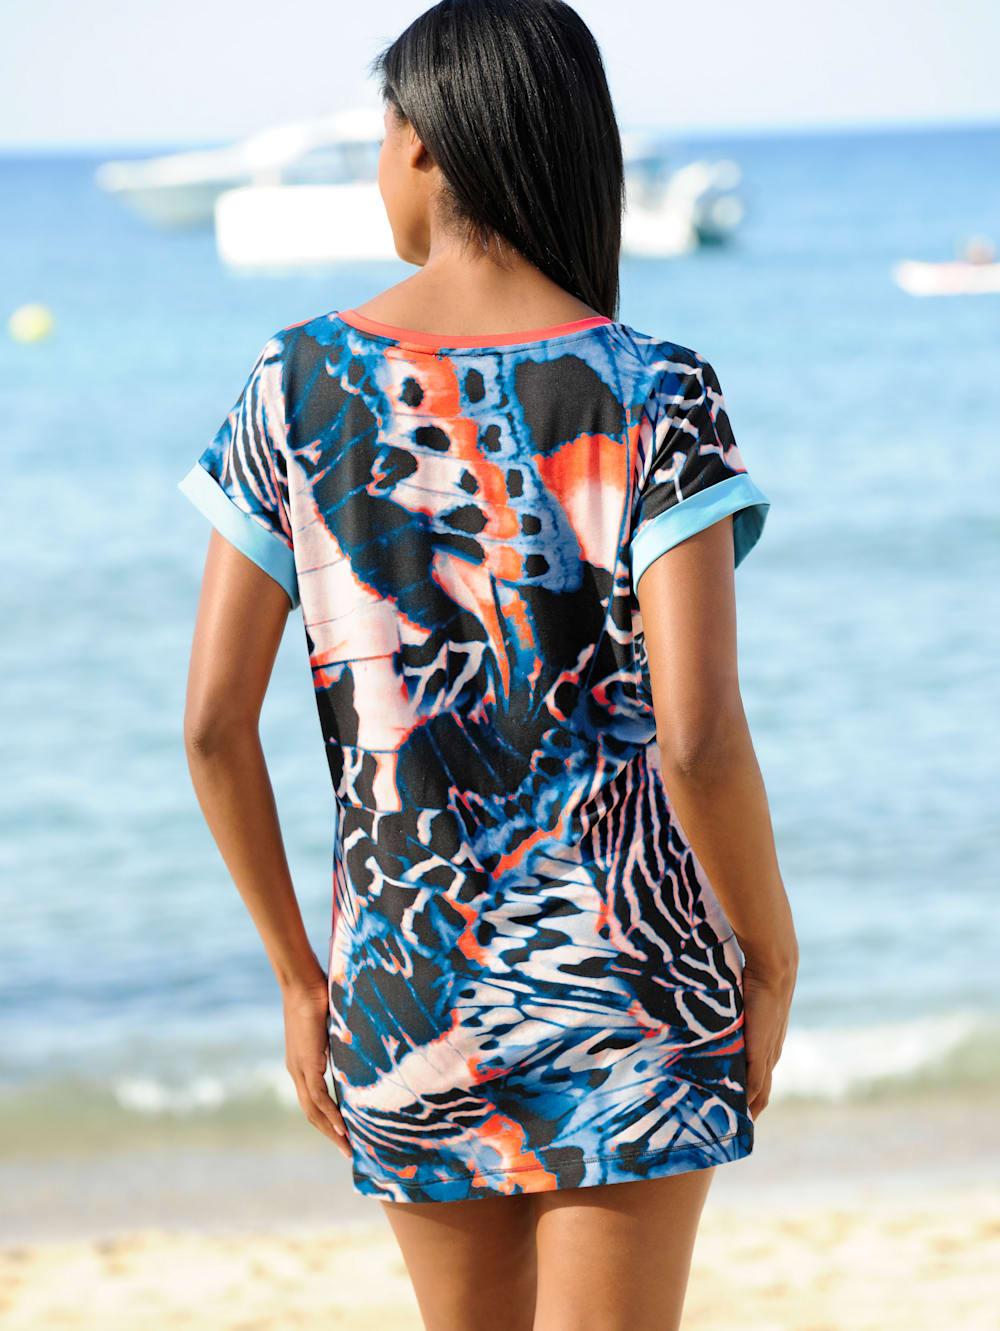 alba moda strandshirt mit farbigen blenden | wenz